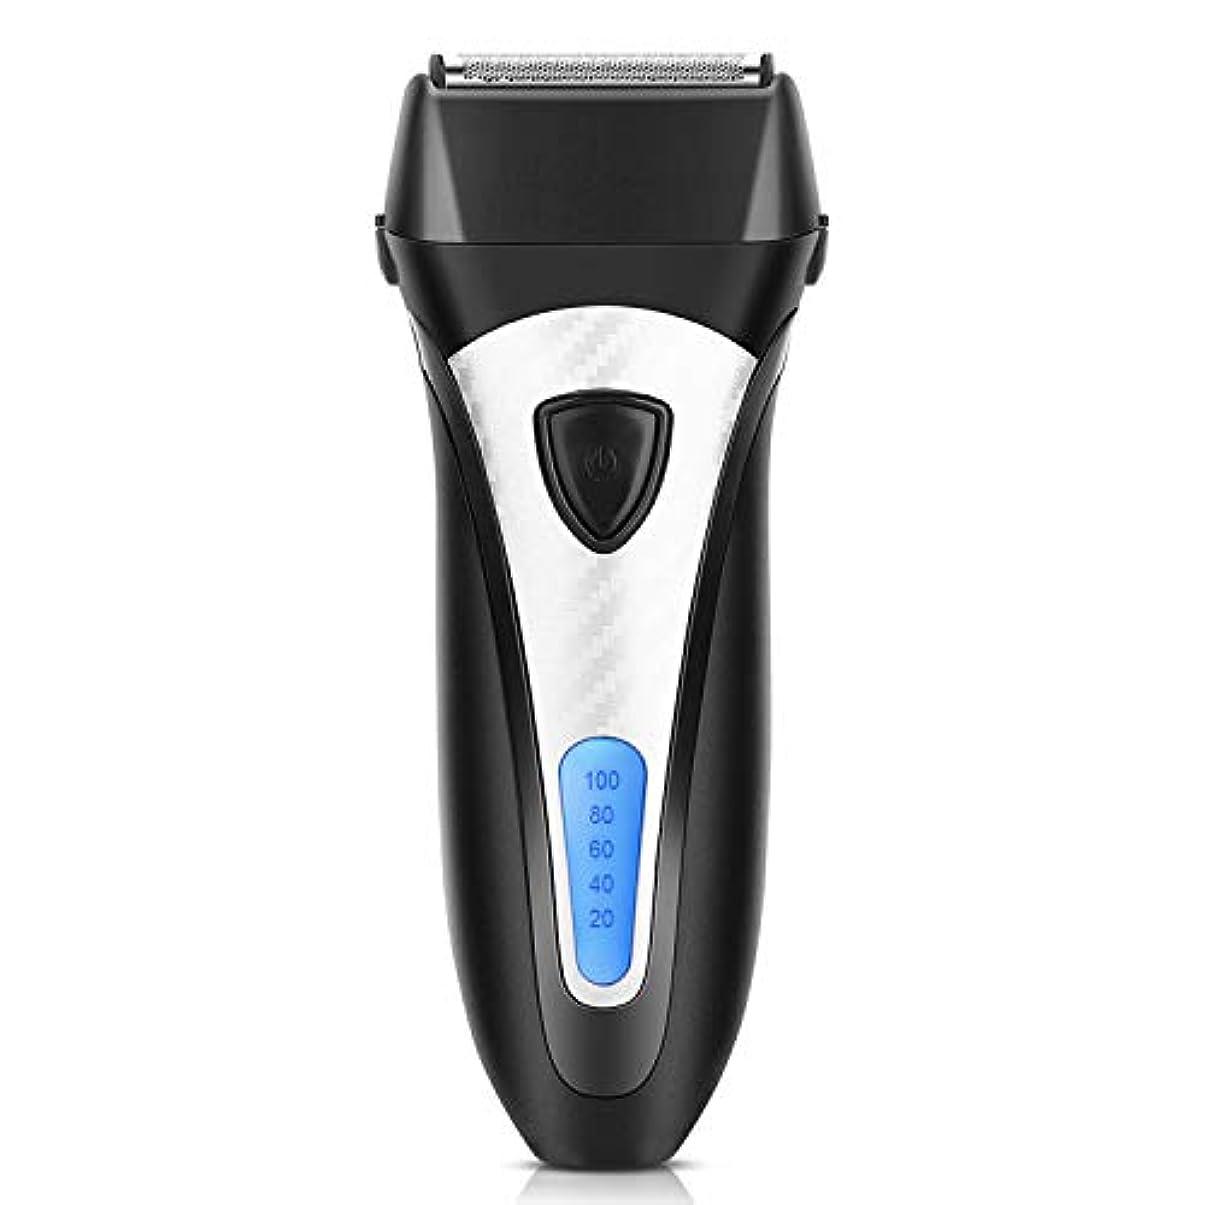 ドルセブンサイズELEHOT 電気シェーバー メンズシェーバー 髭剃り 往復式 3枚刃 トリマー付き 充電式 LCDディスプレイ 男性用 水洗いできる刃ベット